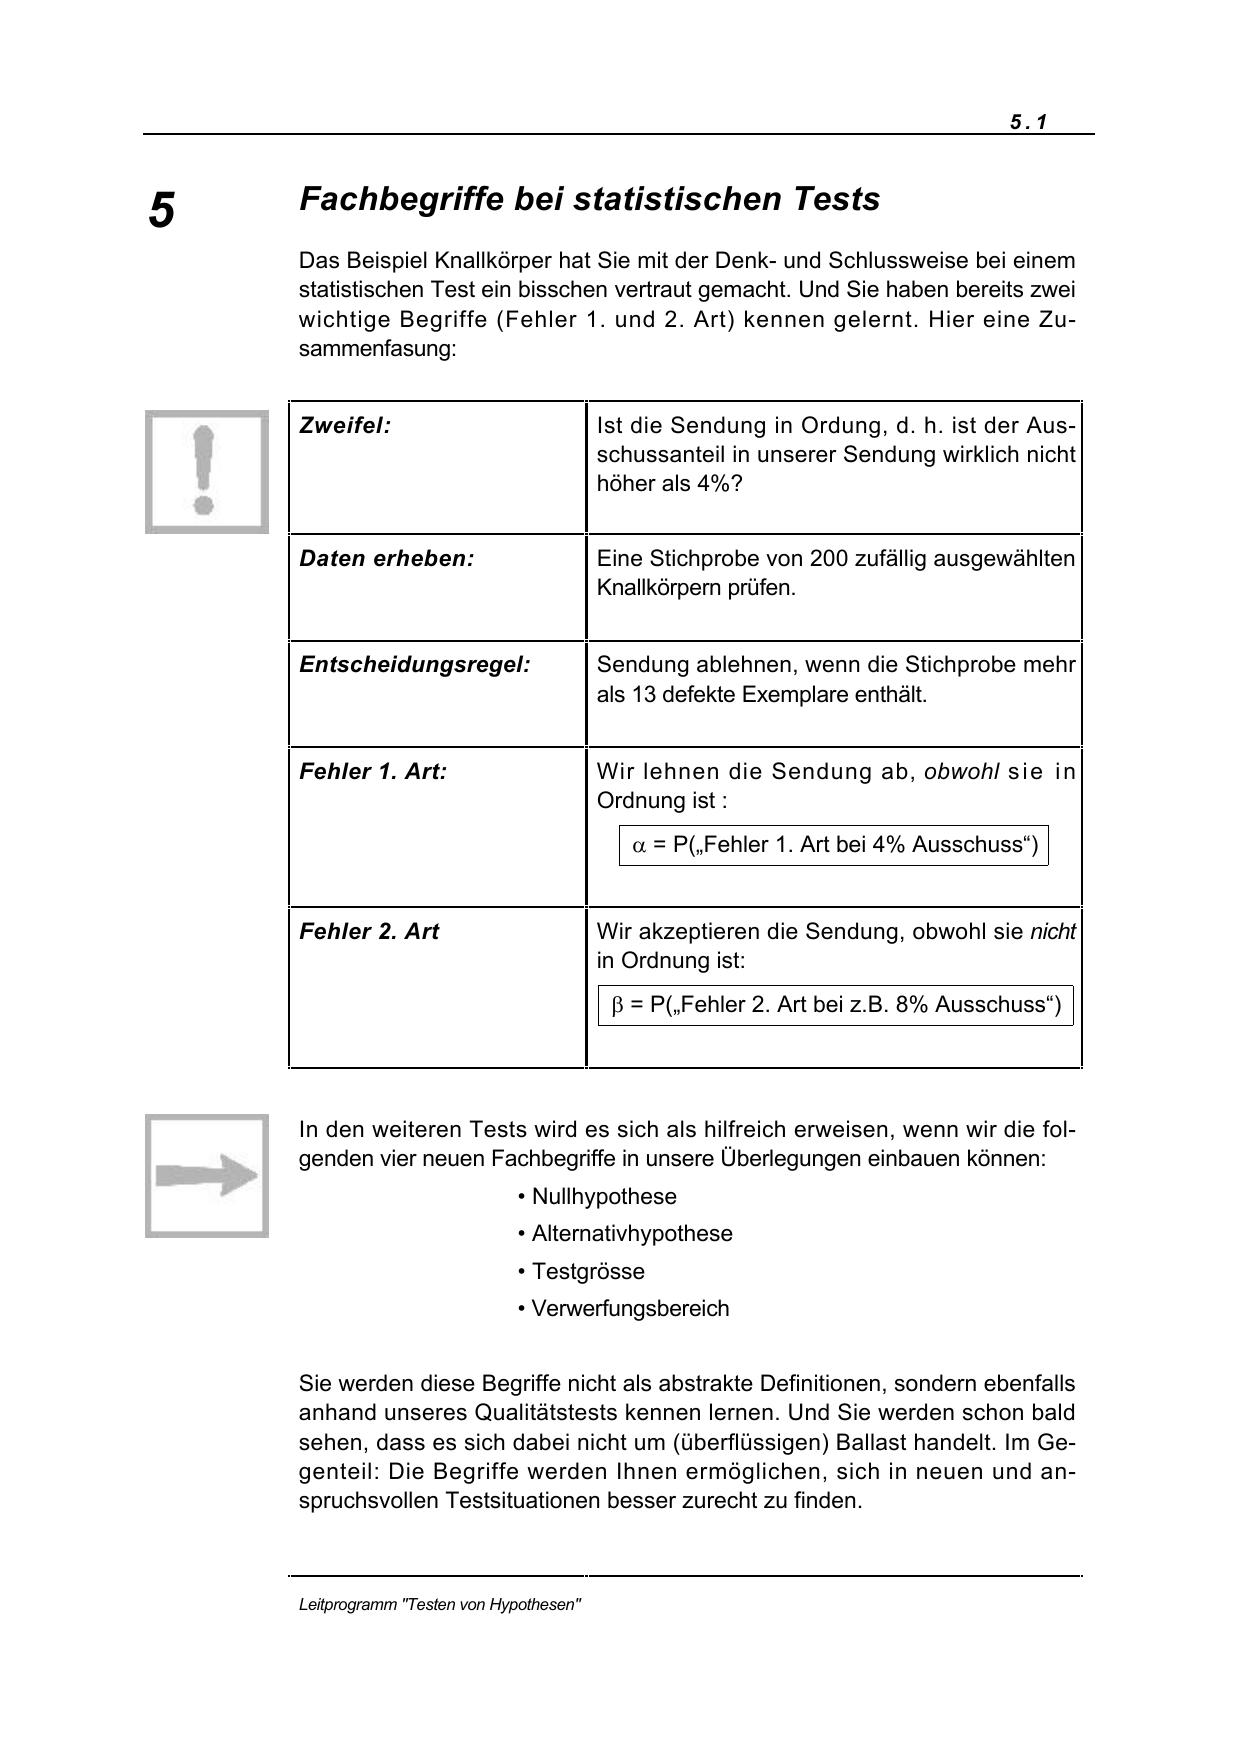 Fachbegriffe bei statistischen Tests